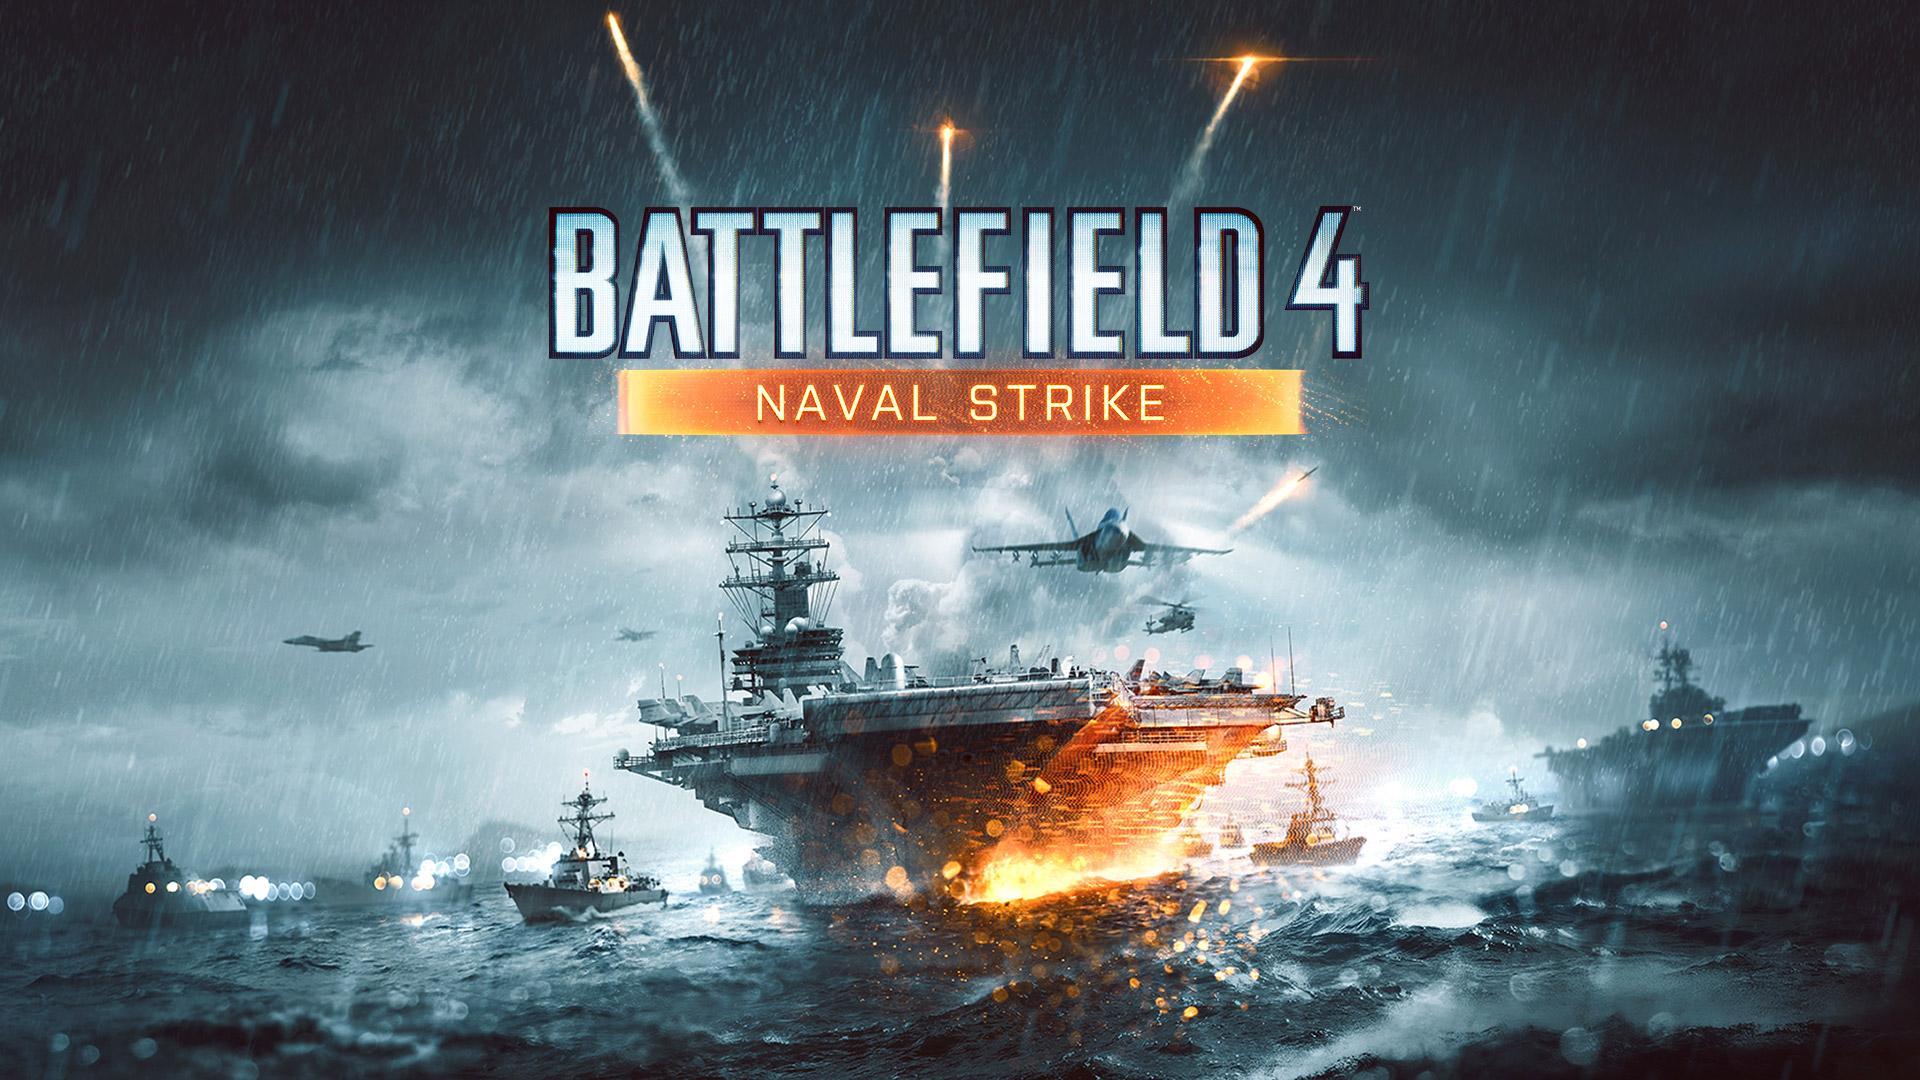 Battlefield 4 Wallpaper in 1920x1080